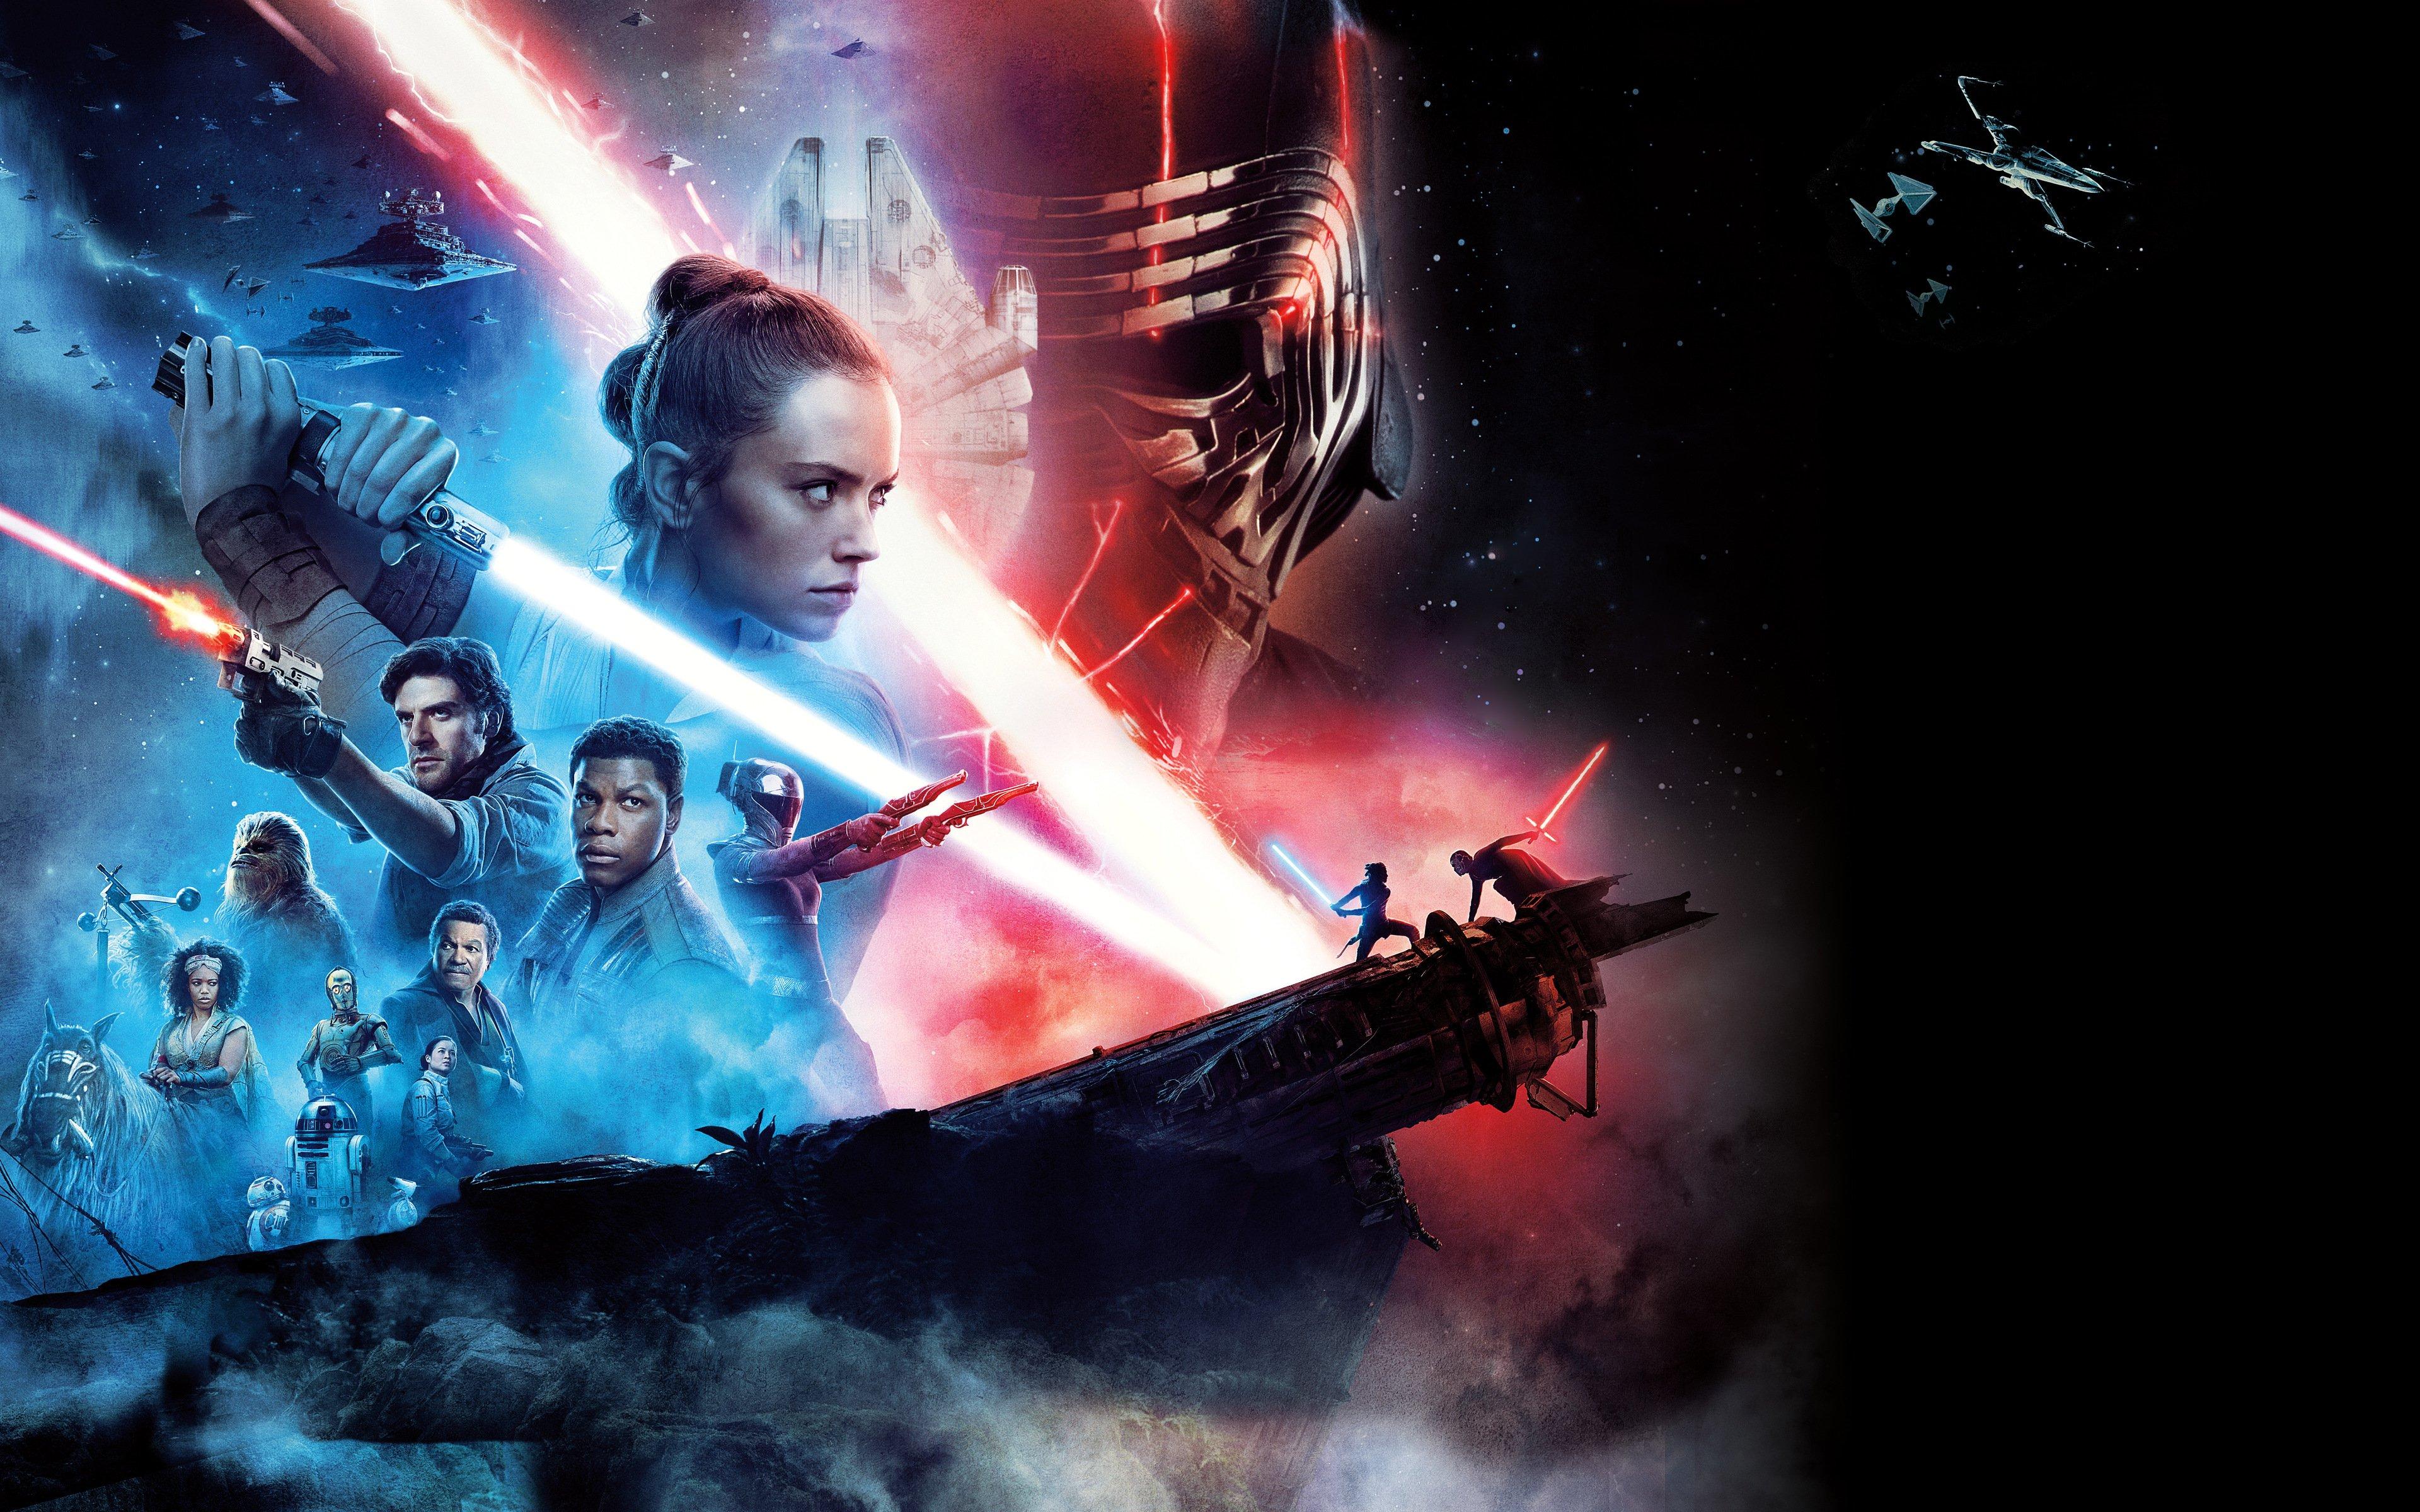 Star Wars The Rise Of Skywalker Wallpaper 4k Ultra Hd Id 4233